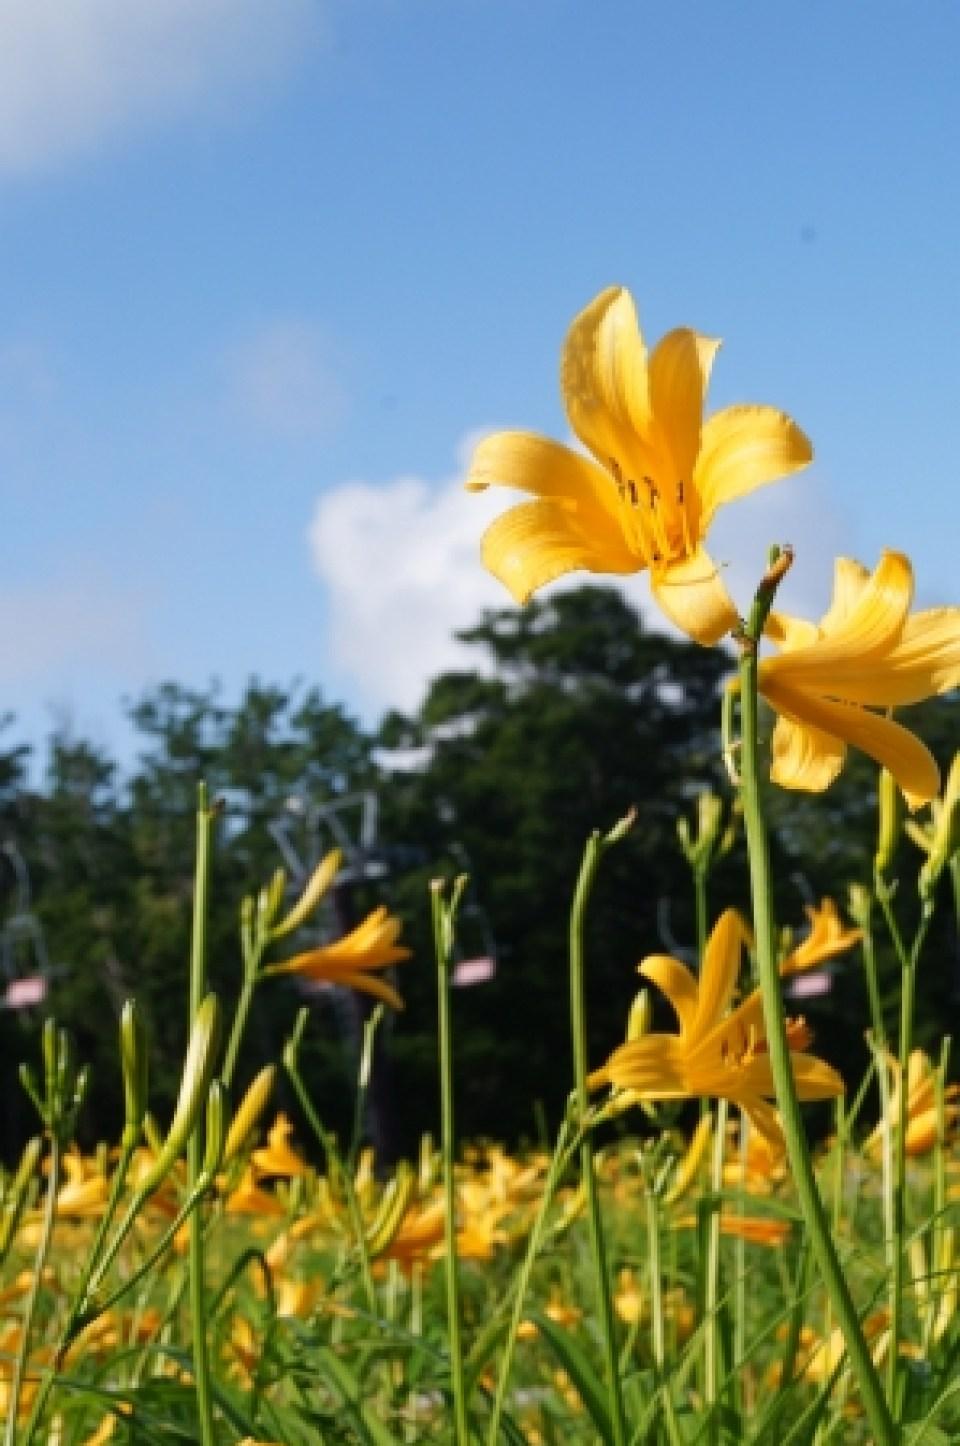 【7月1日撮影】ニッコウキスゲも鮮やかに開花しております。